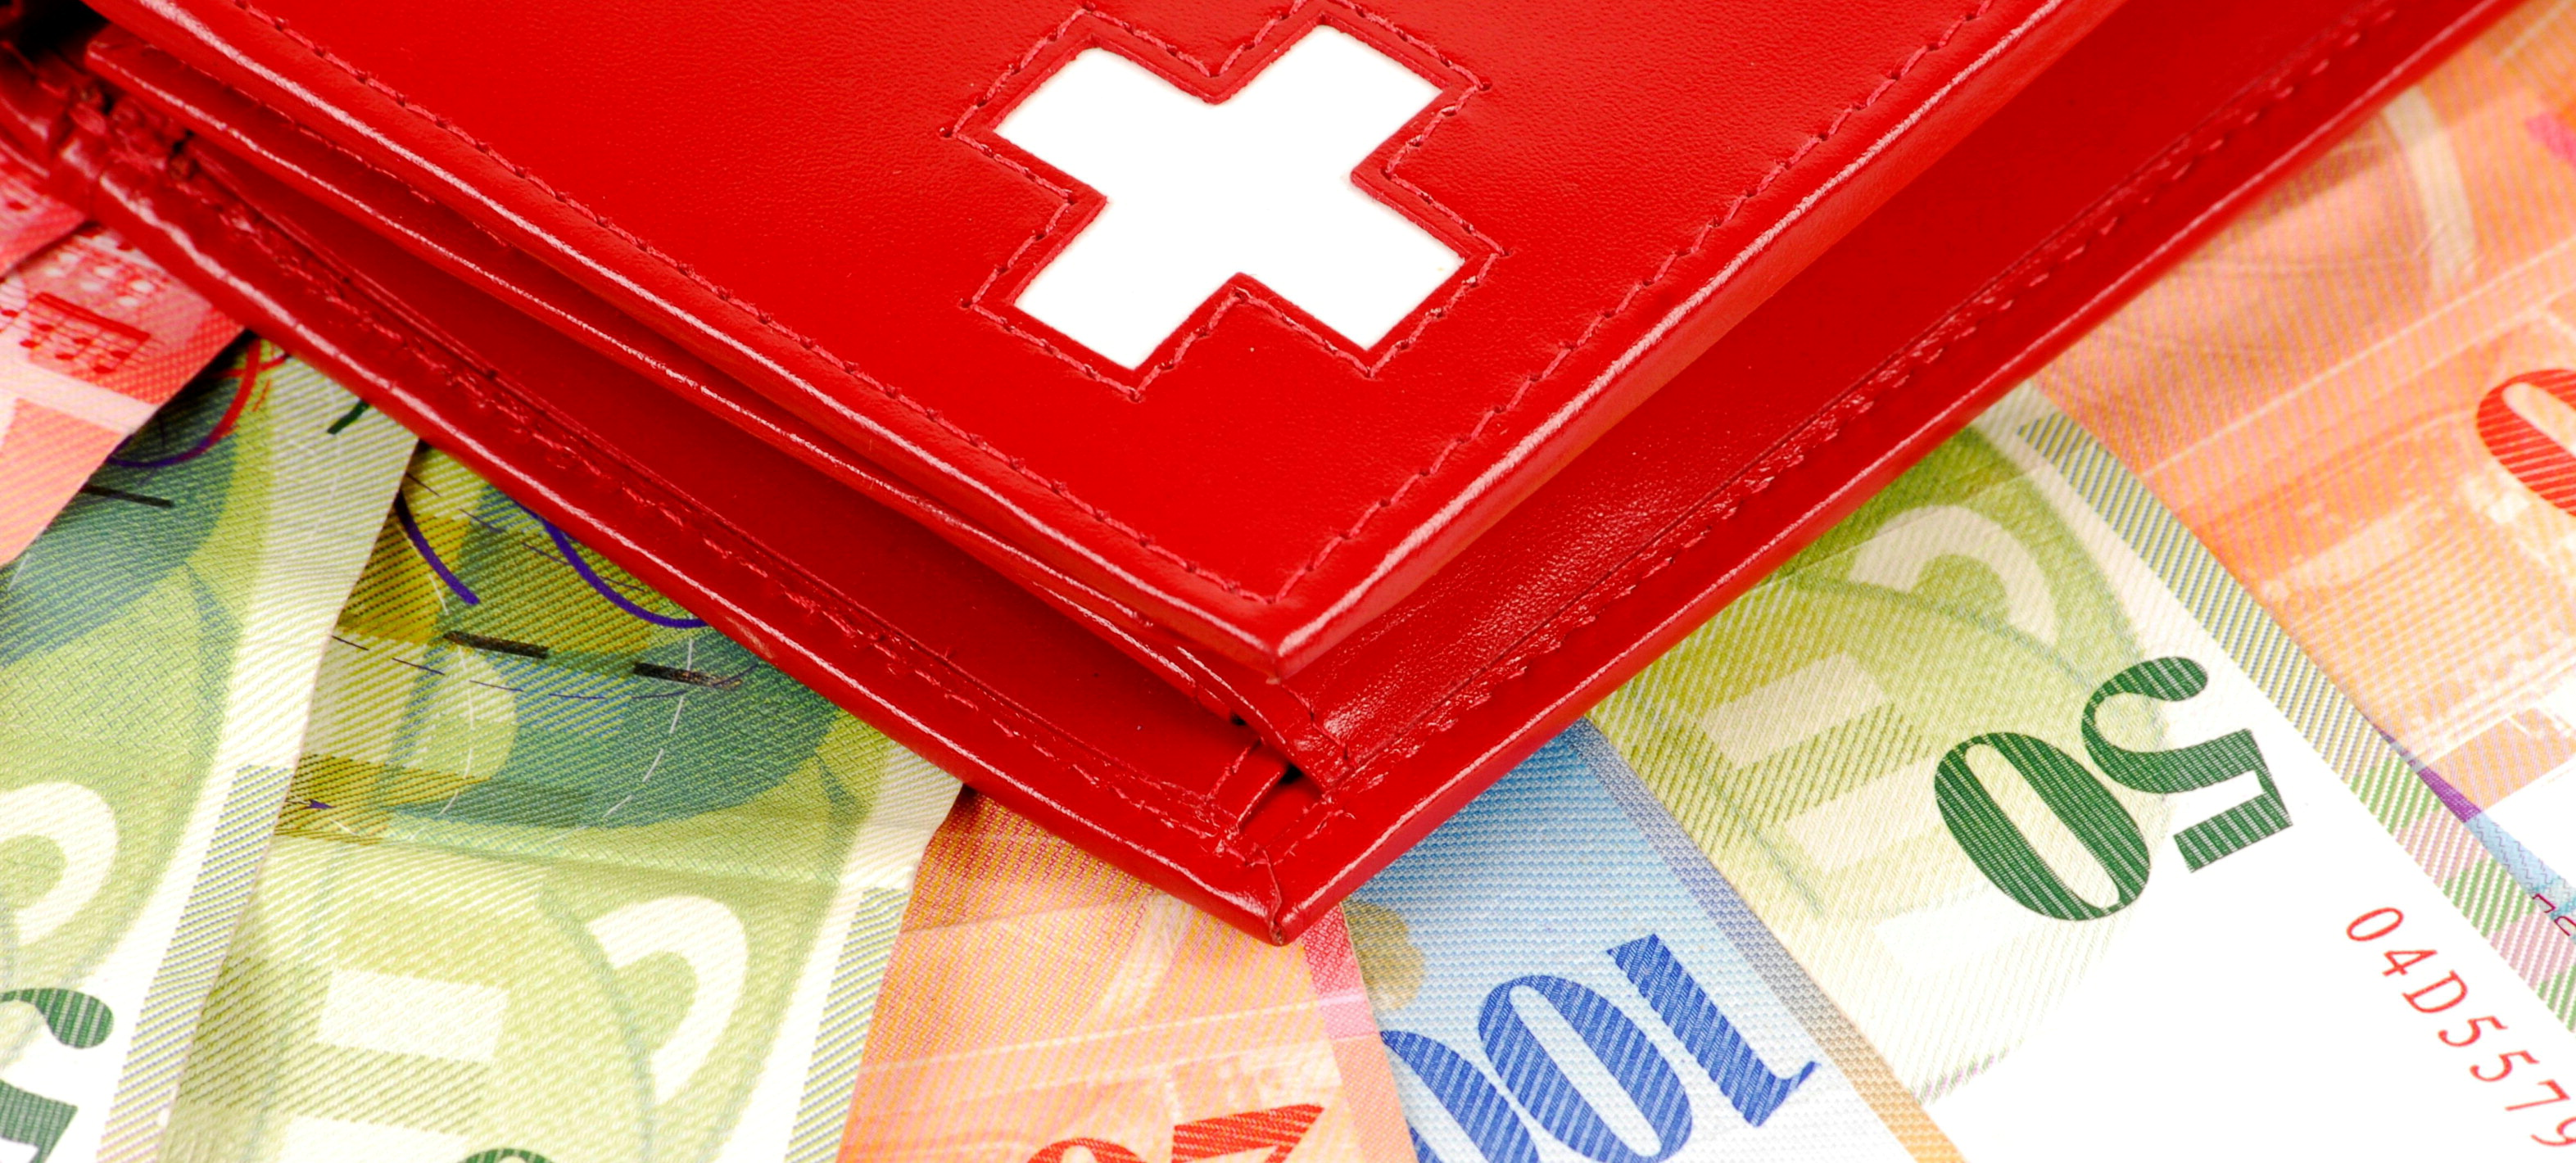 svizzera-banche